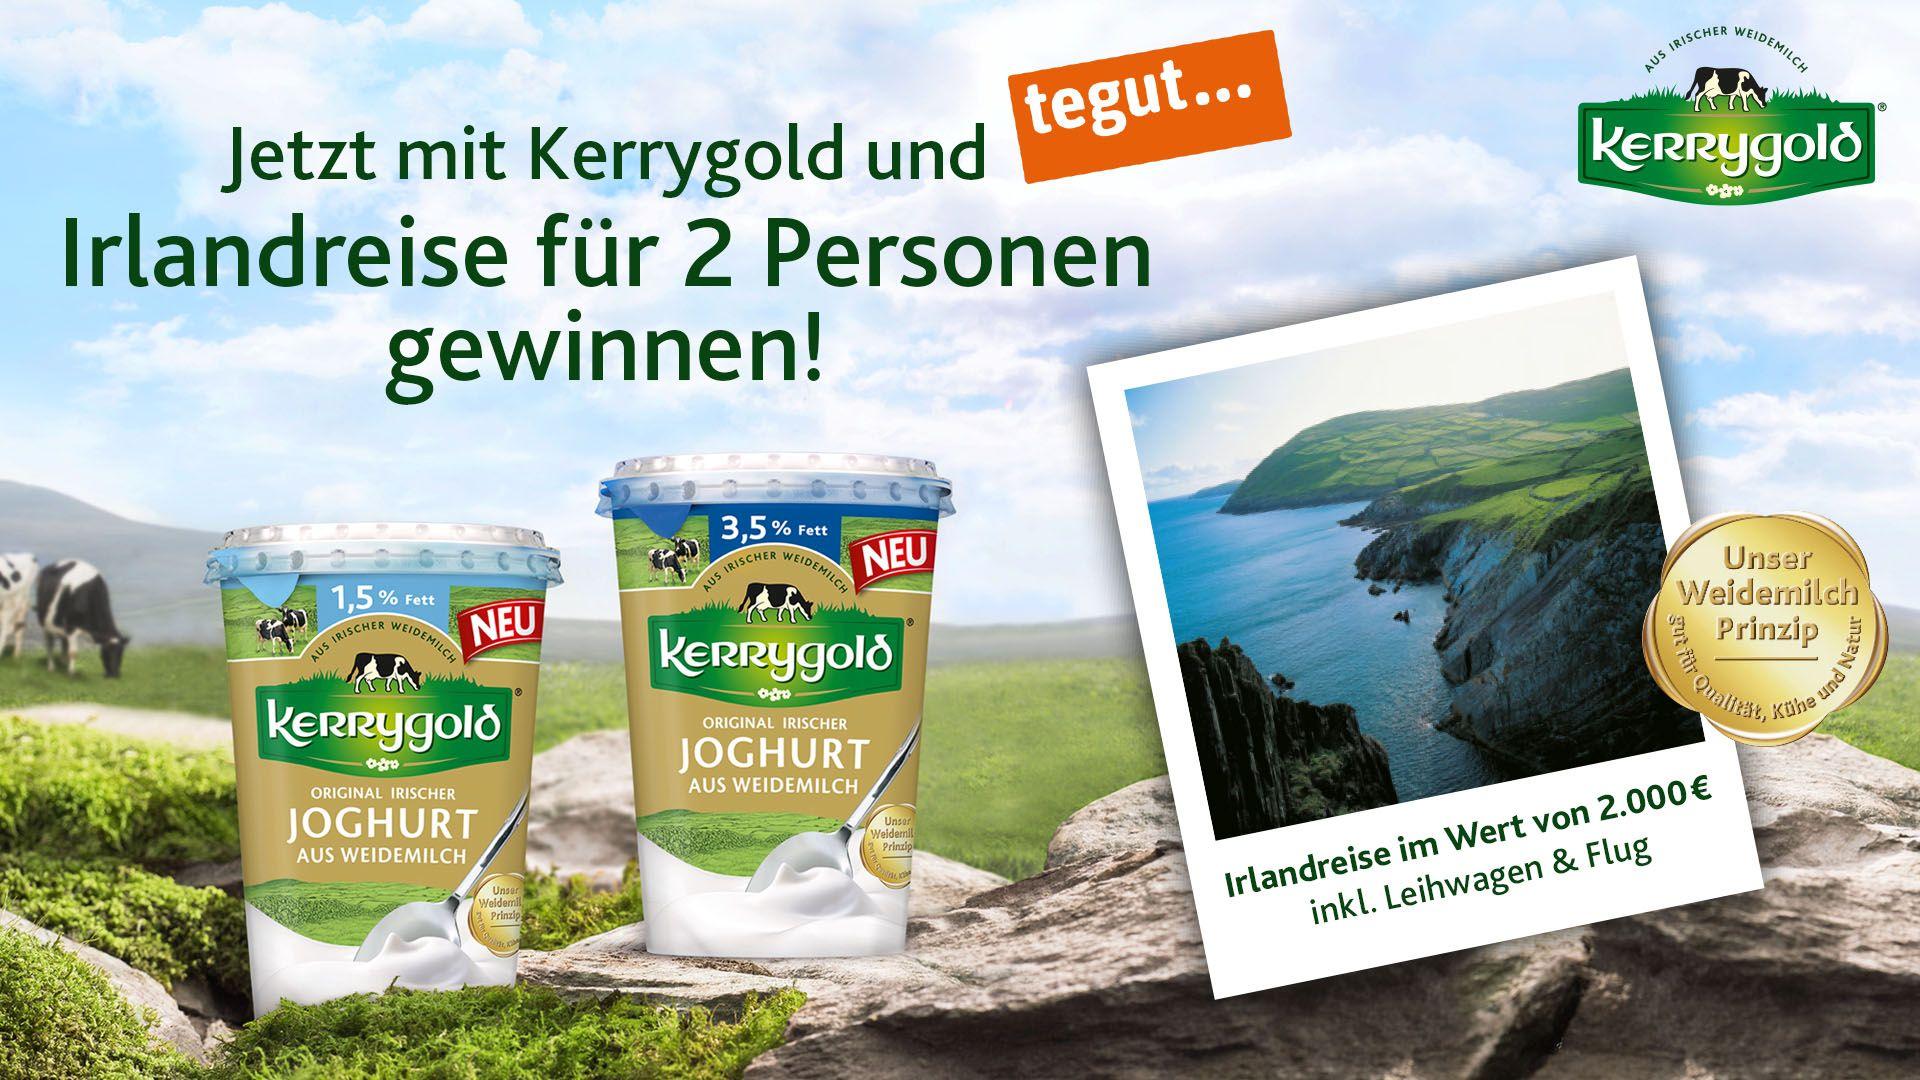 Kerry Gold Gewinnspiel